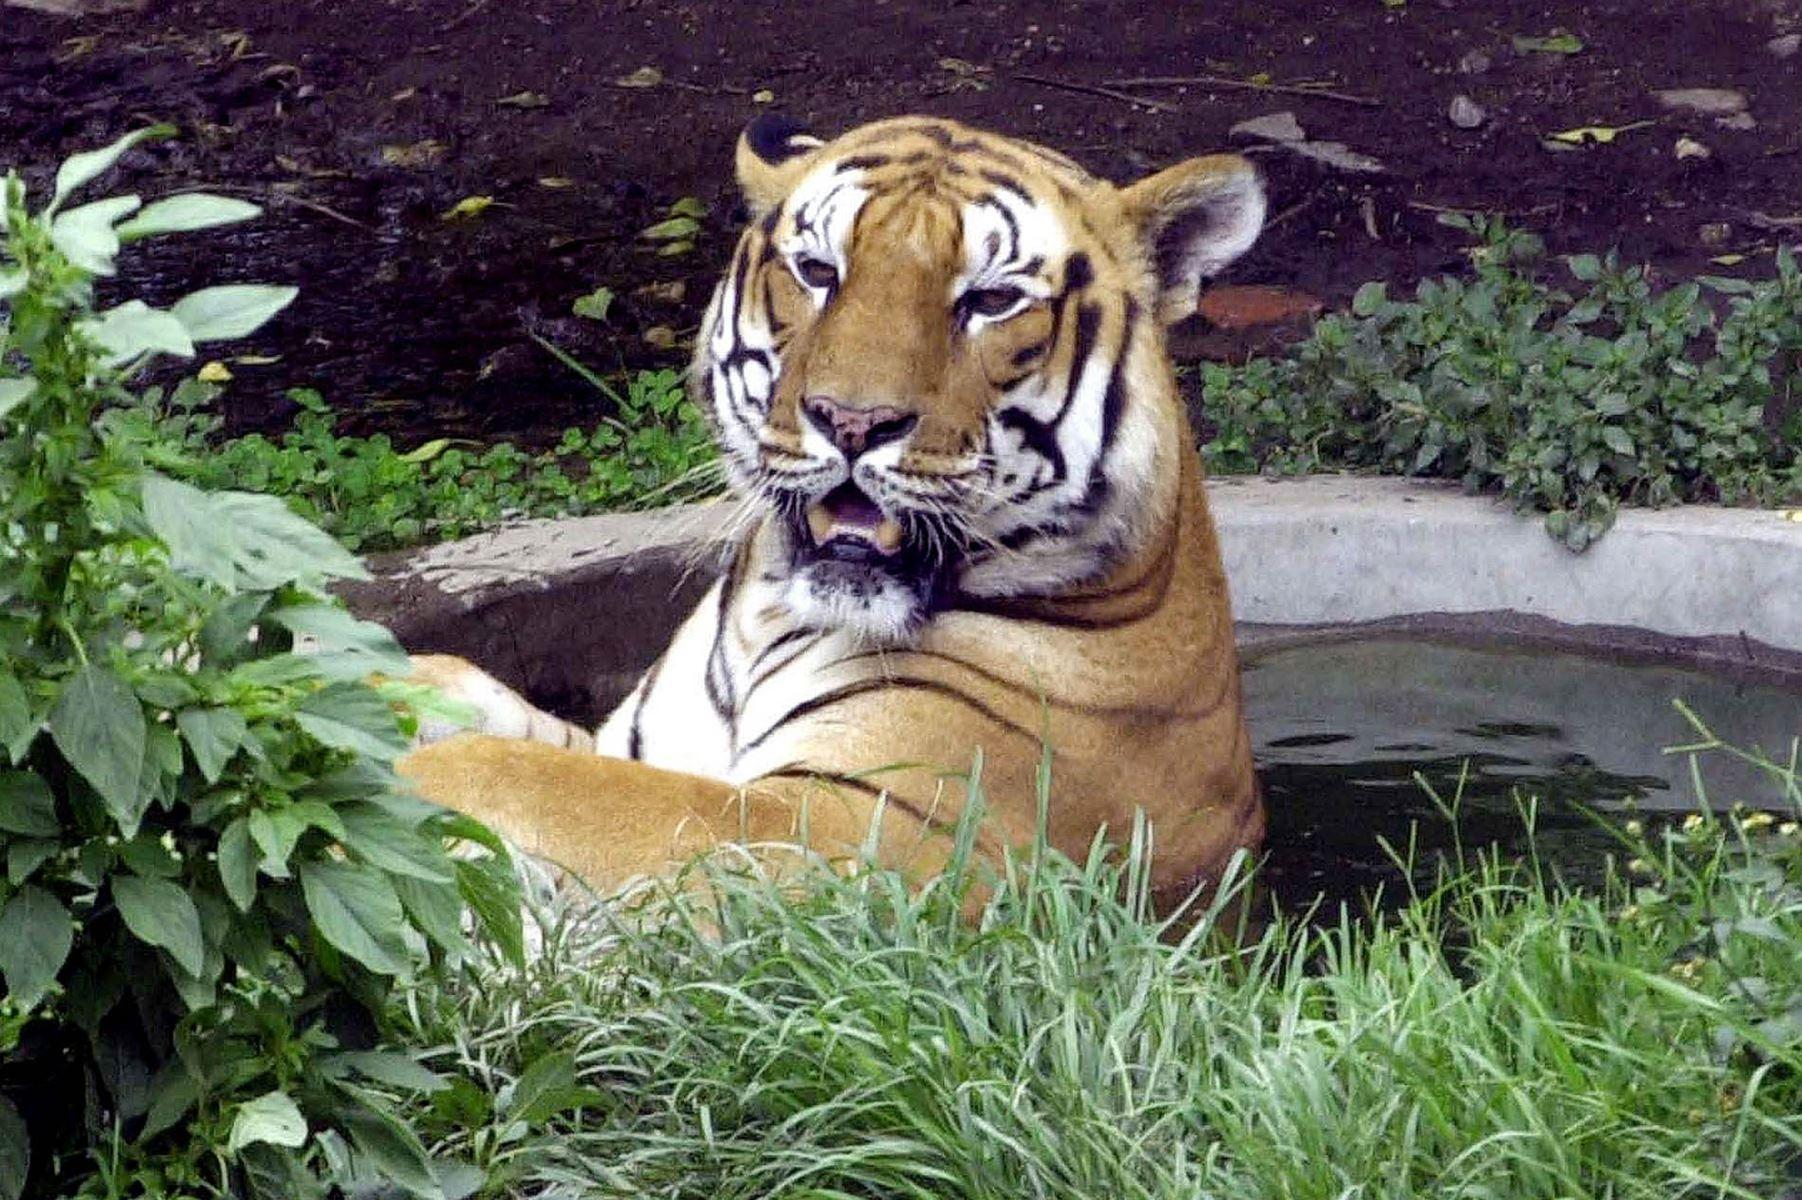 En ny optælling fra Verdensnaturfonden viser, at tigerbestanden i Nepal næsten er blevet fordoblet siden 2009.